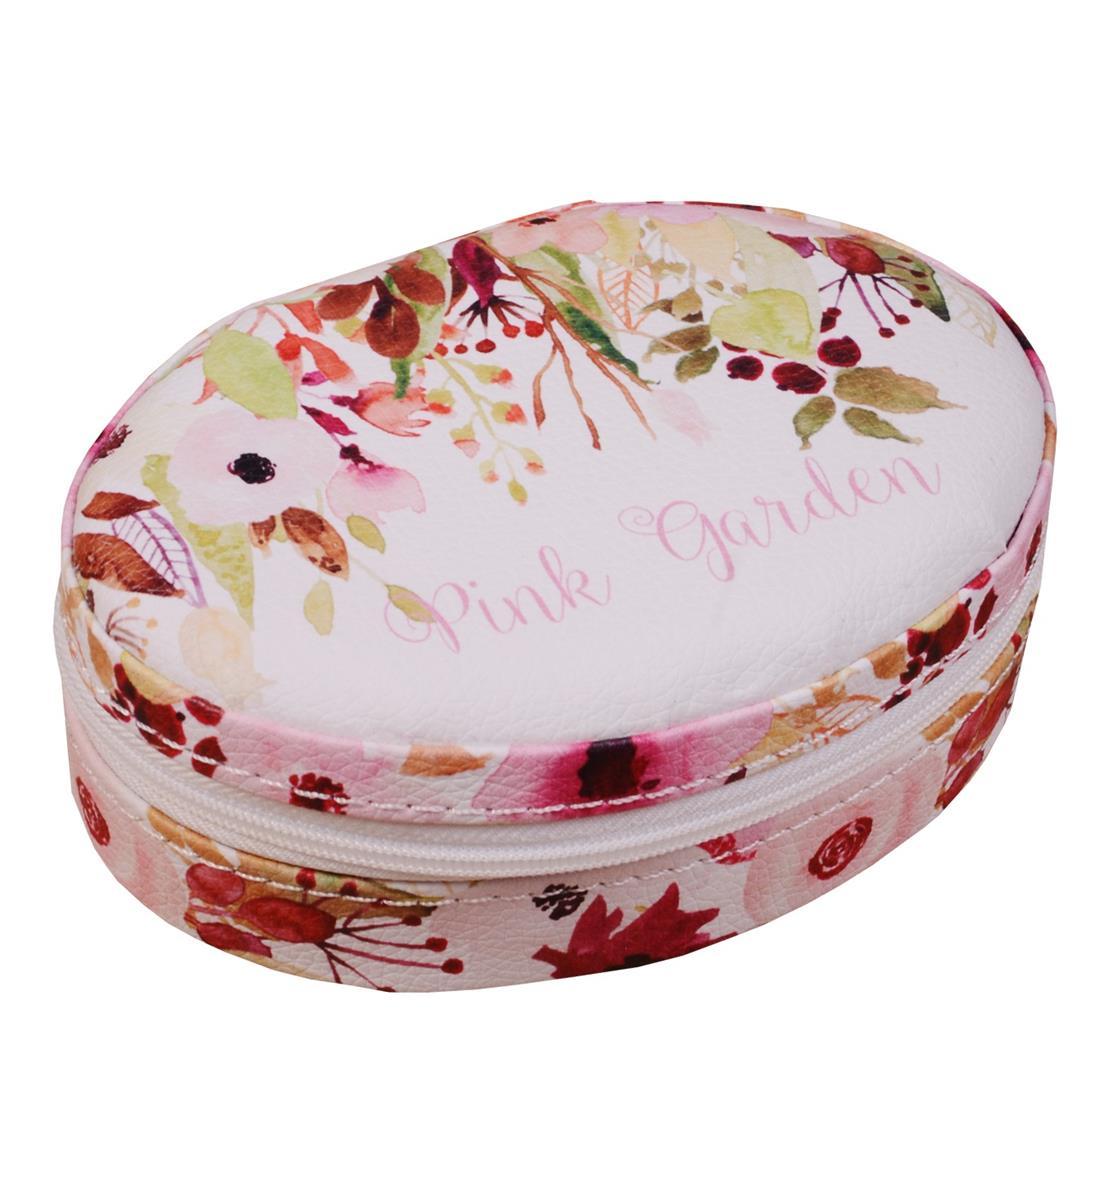 Шкатулка для ювелирных украшений Pink garden (21х15х6см) кожзам